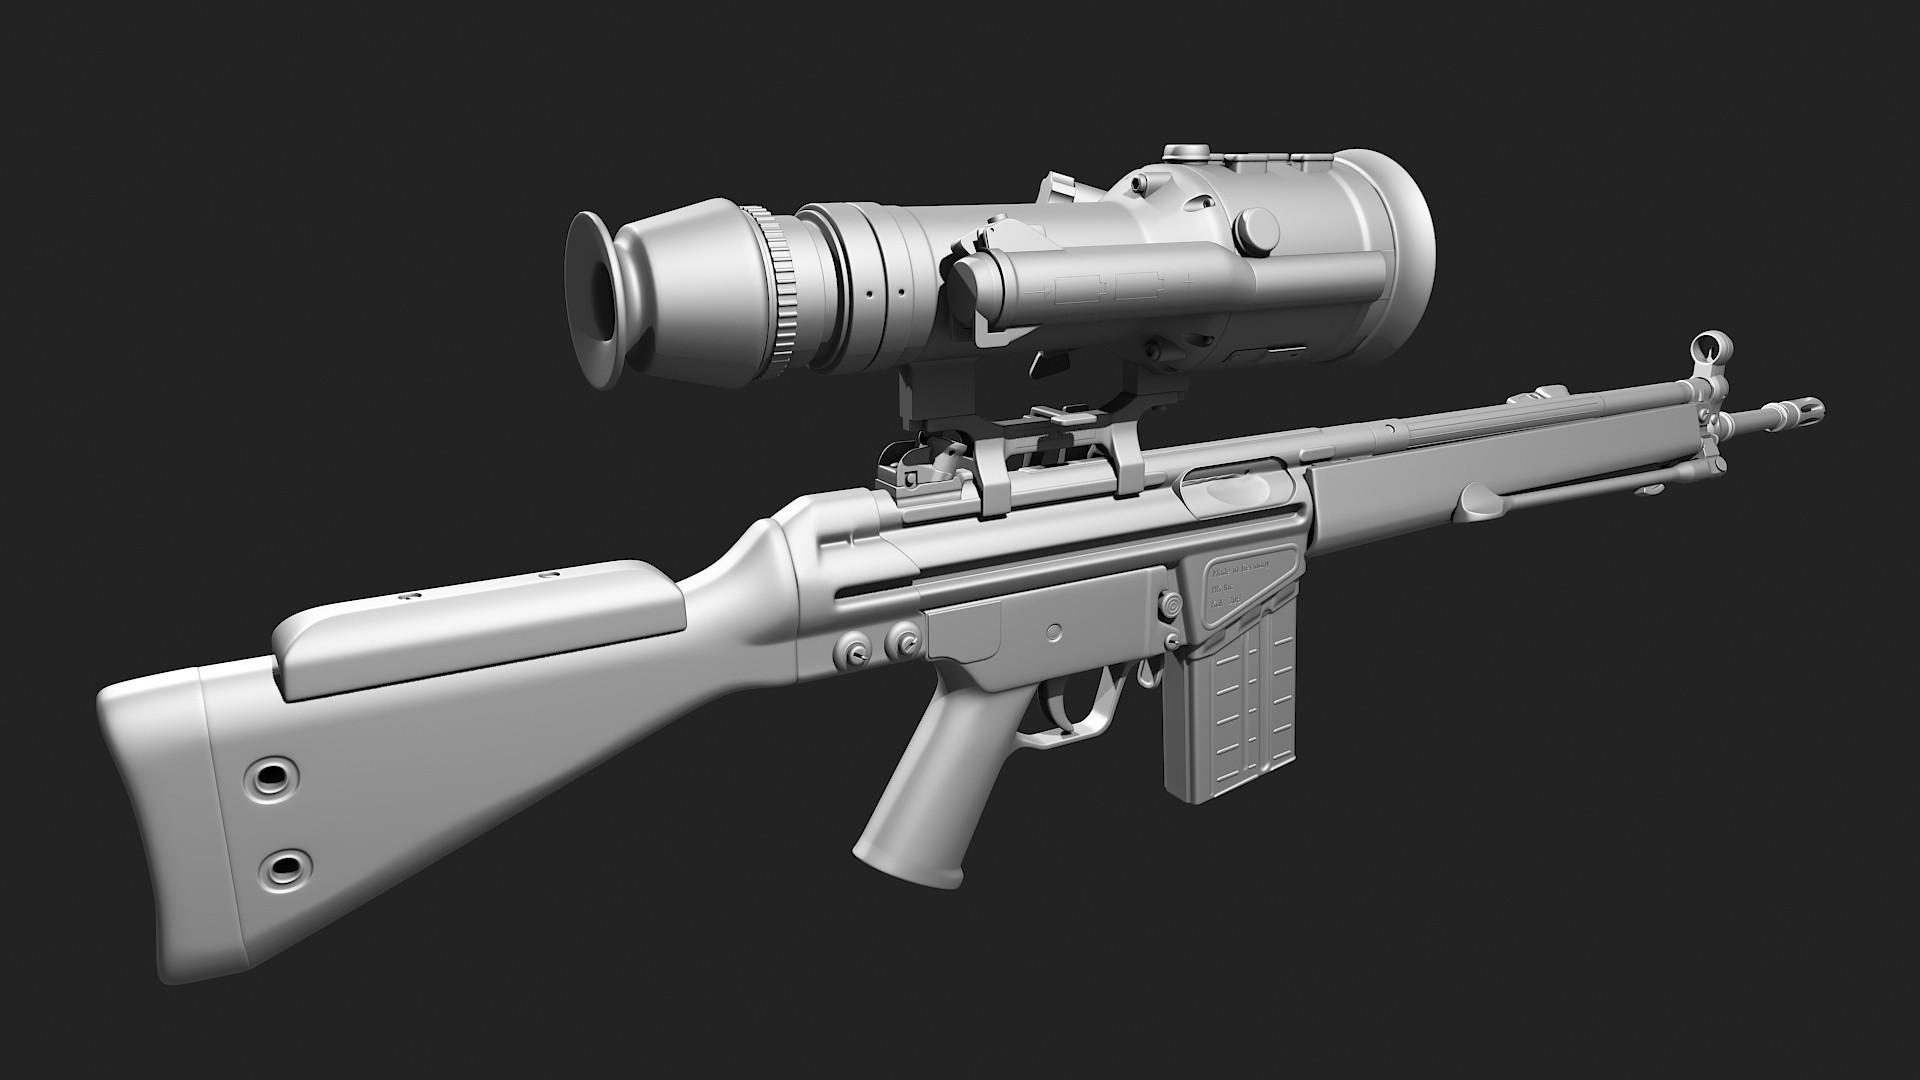 MOAR of HK G3 [GameBanana] [Works In Progress]